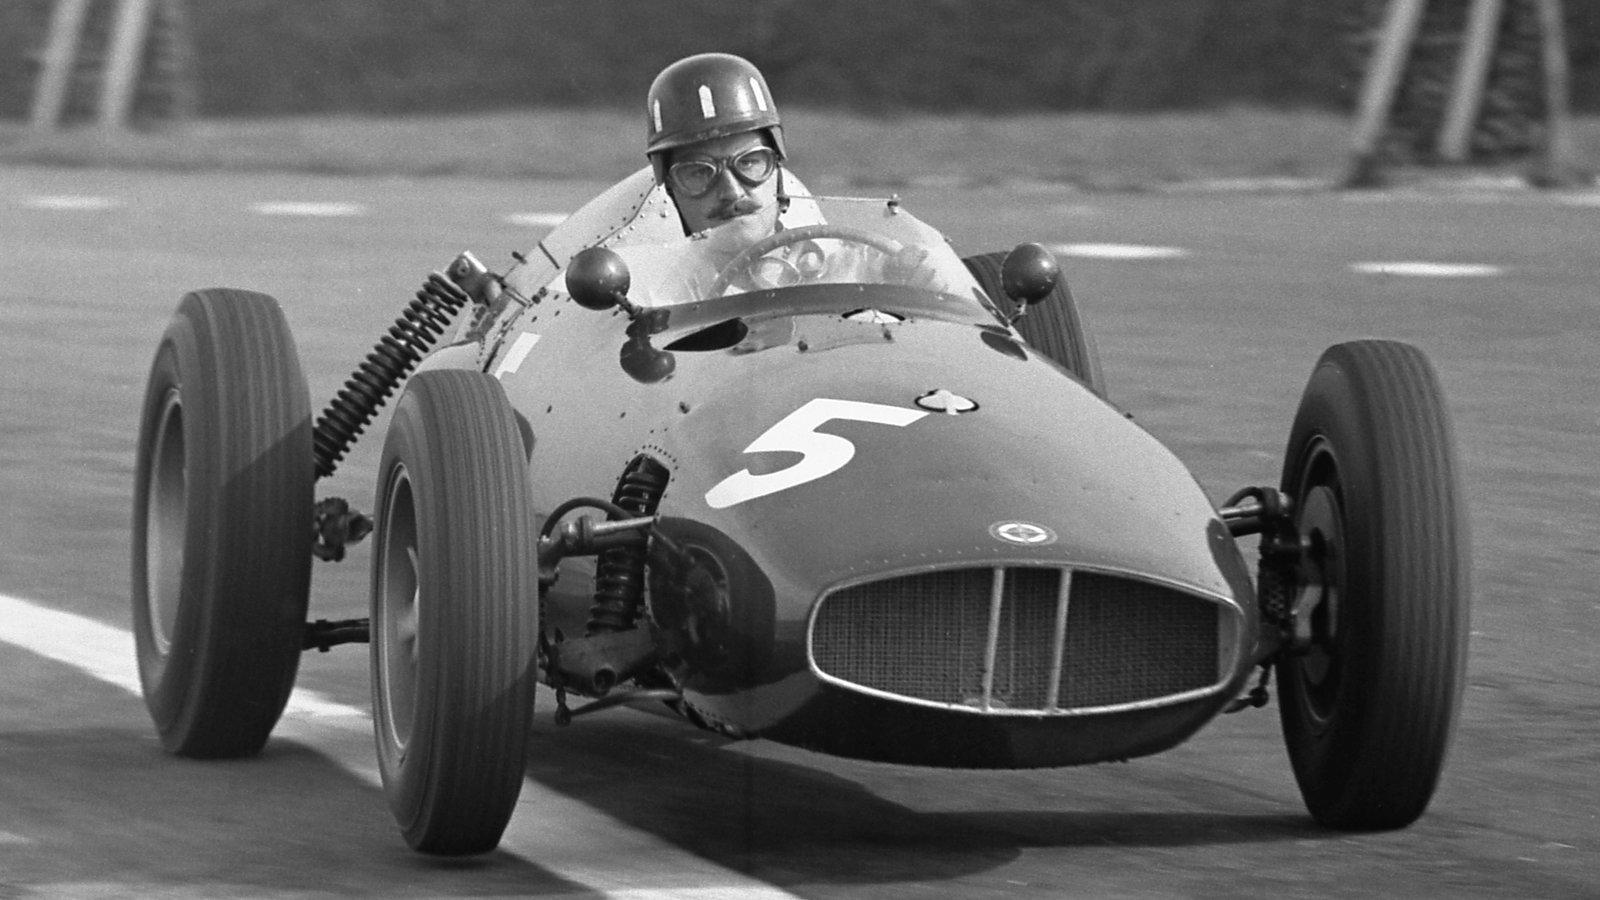 Hill skapte seg et navn hos BRM, hvor han kjørte første halvdel av sekstitallet.